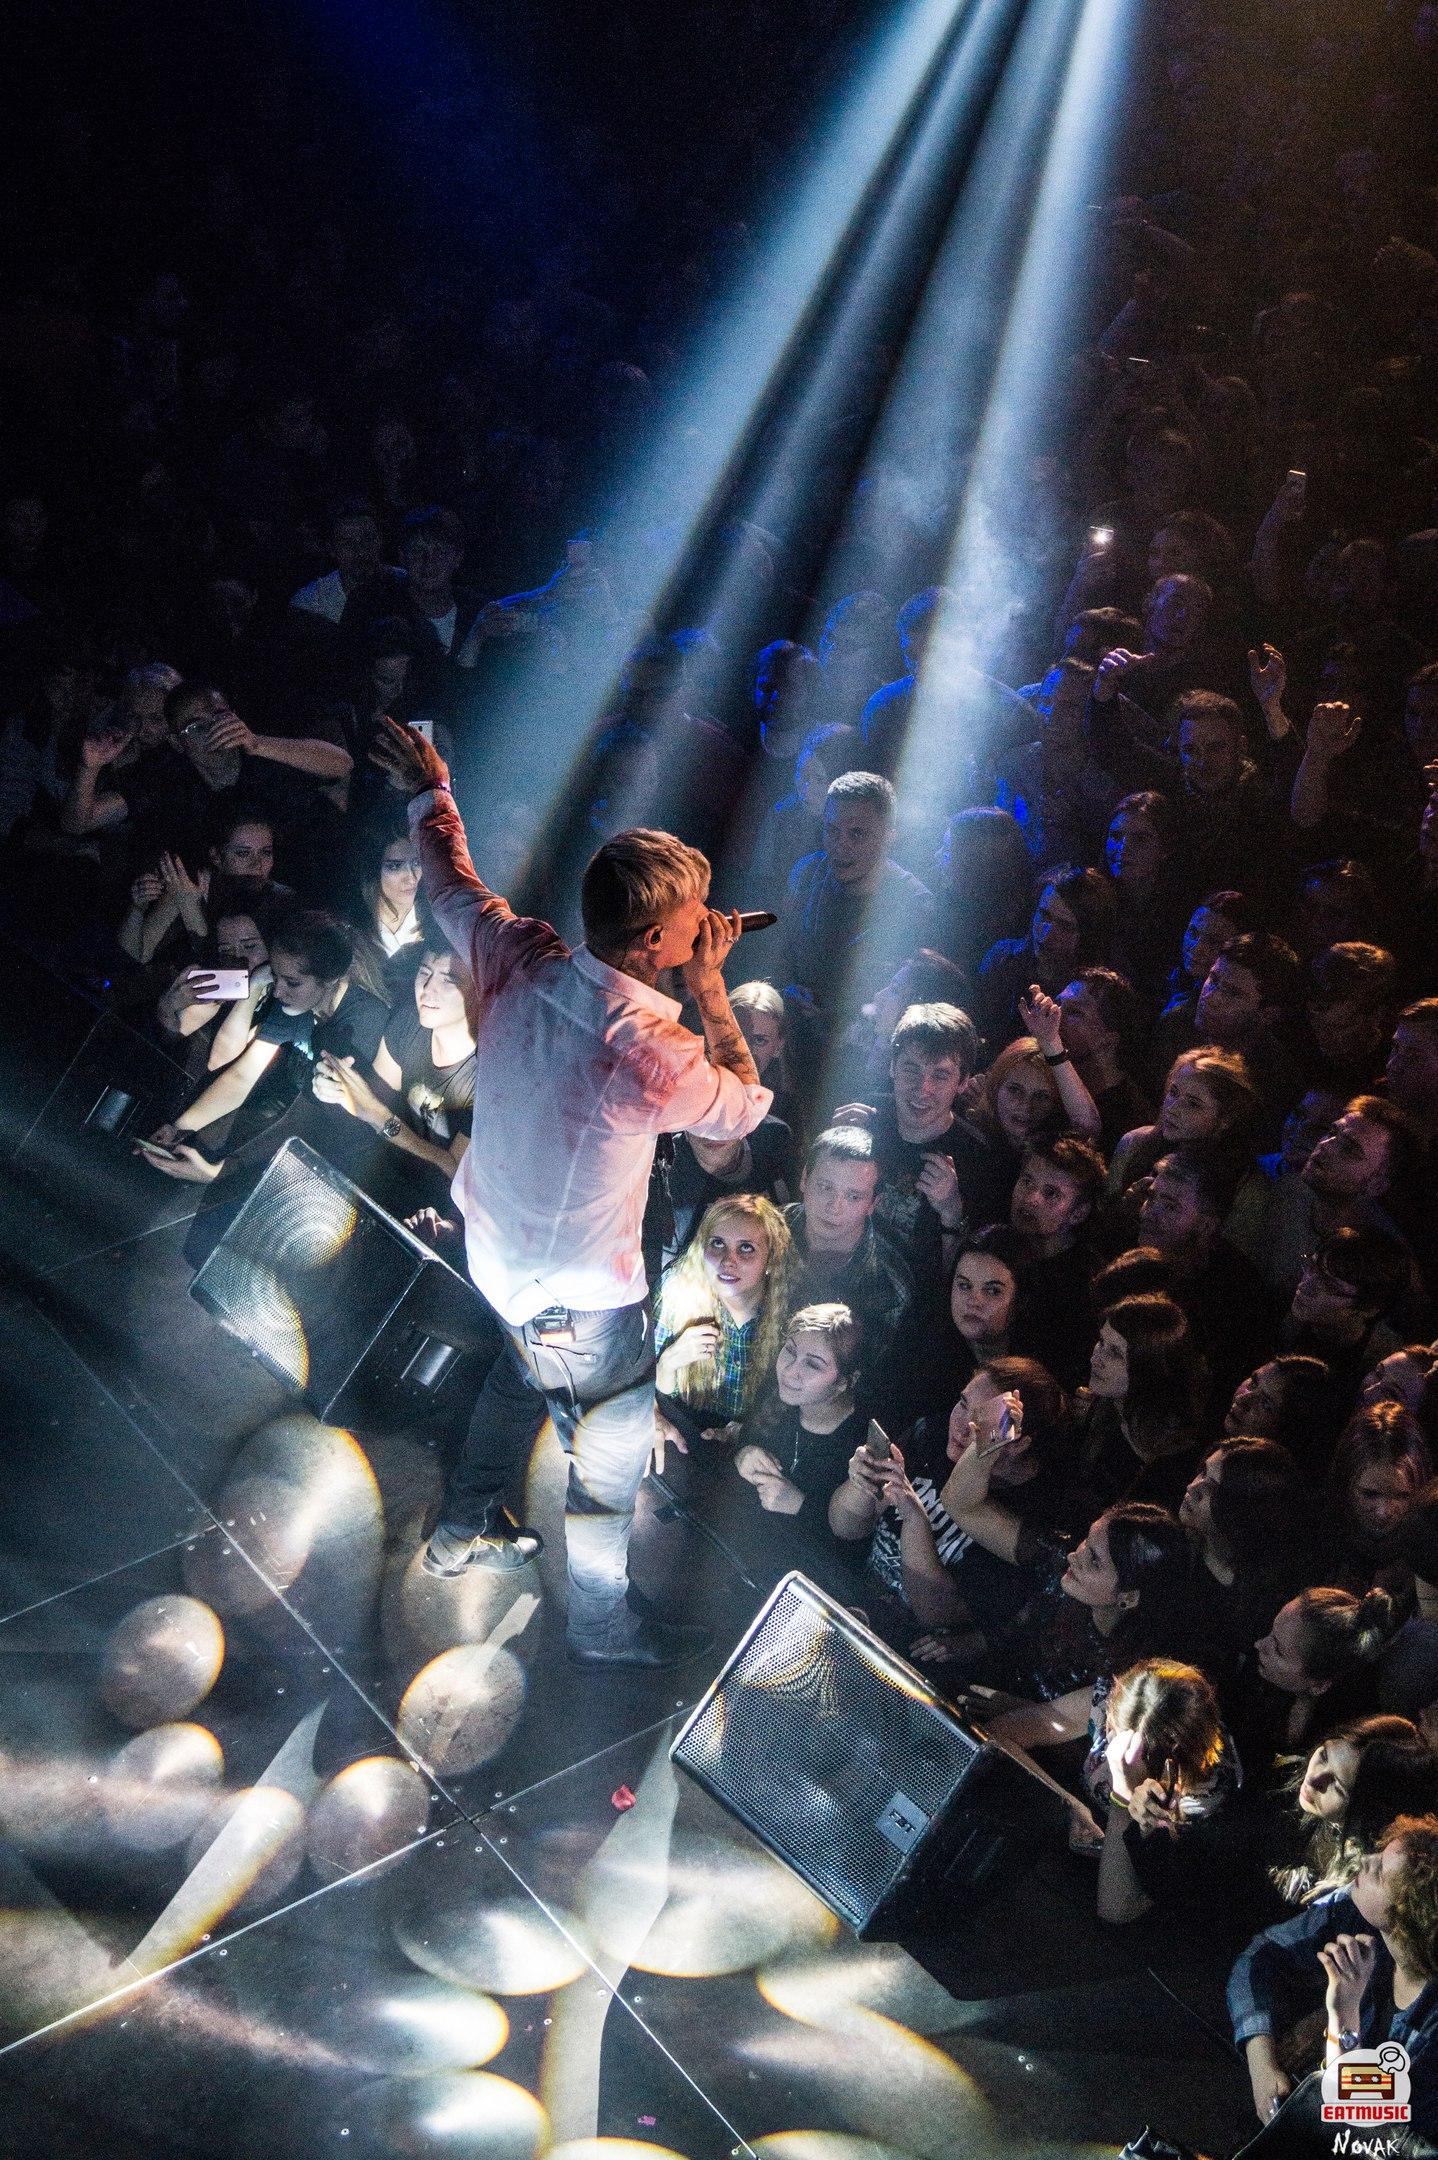 10-летие альбома Jane Air - Sex and Violence: концерт с высоко поднятой головой Анна Новак